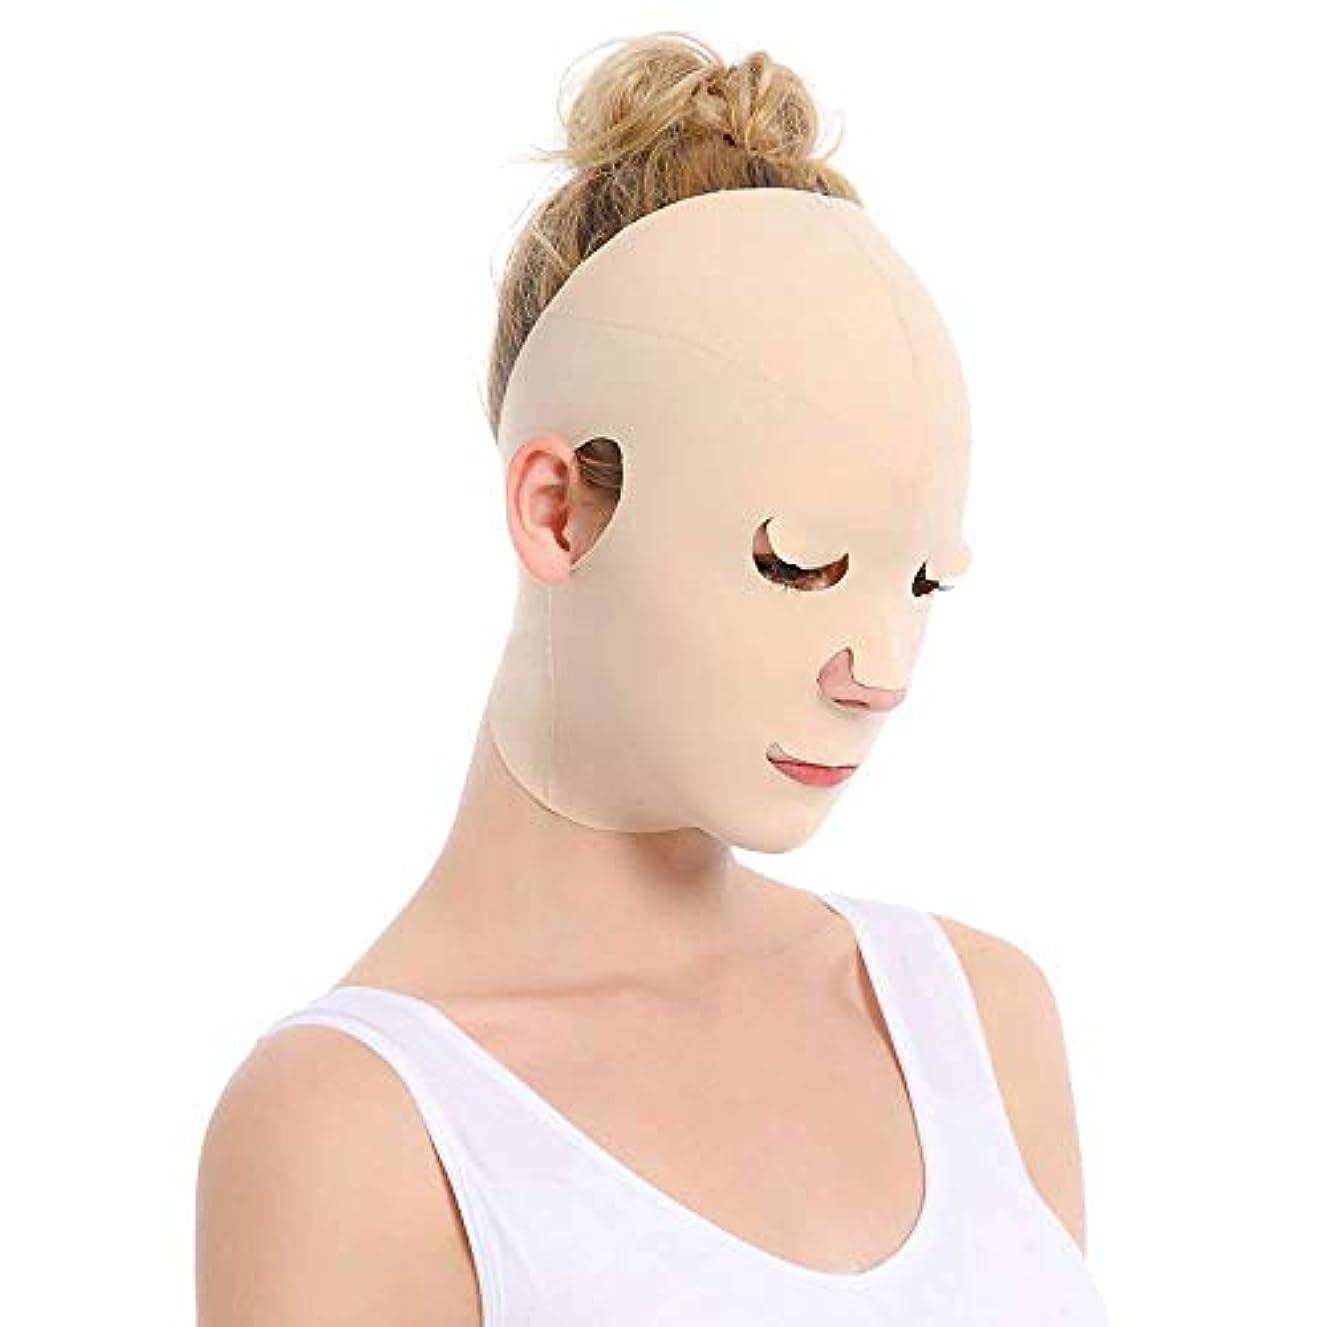 挑む乳製品虚偽スモールフェイスツールVフェイスバンデージシンフェイスビューティーマスクレイジースリープマスク男性と女性Vフェイスバンデージシェーピングリフティング引き締めフェイスシンダブルチン